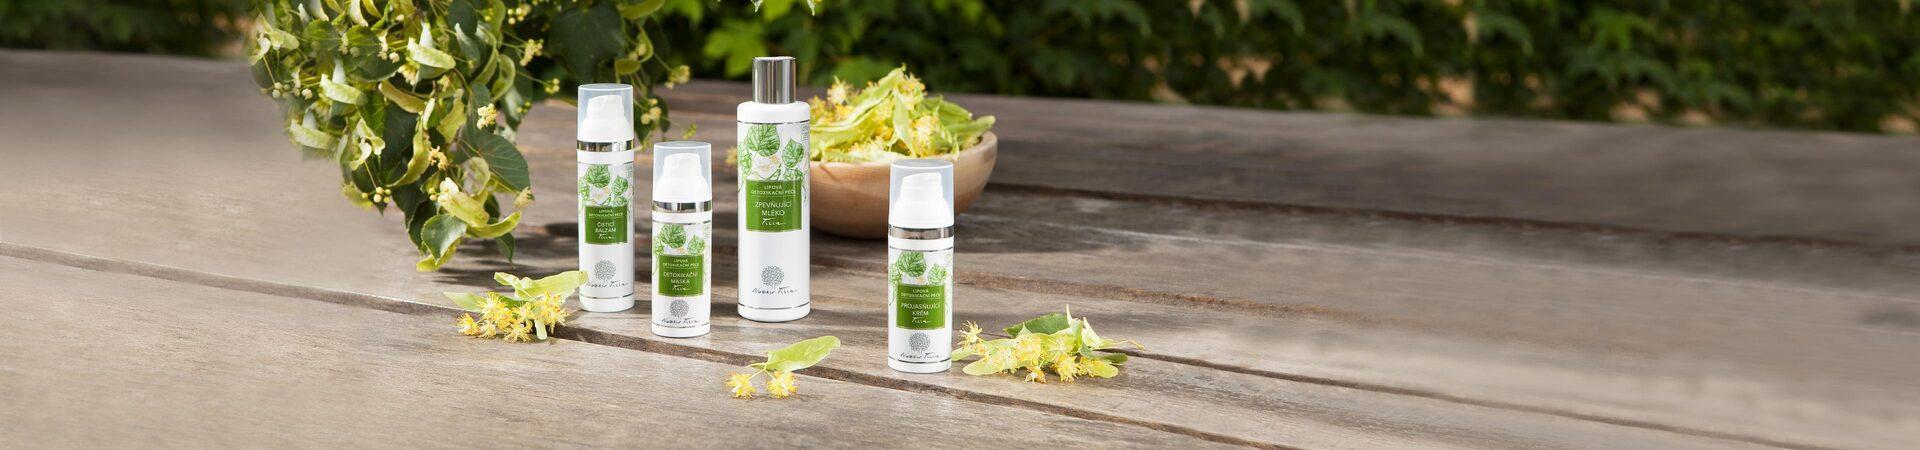 lipová detoxikační péče - přírodní kosmetika Nobilis Tilia